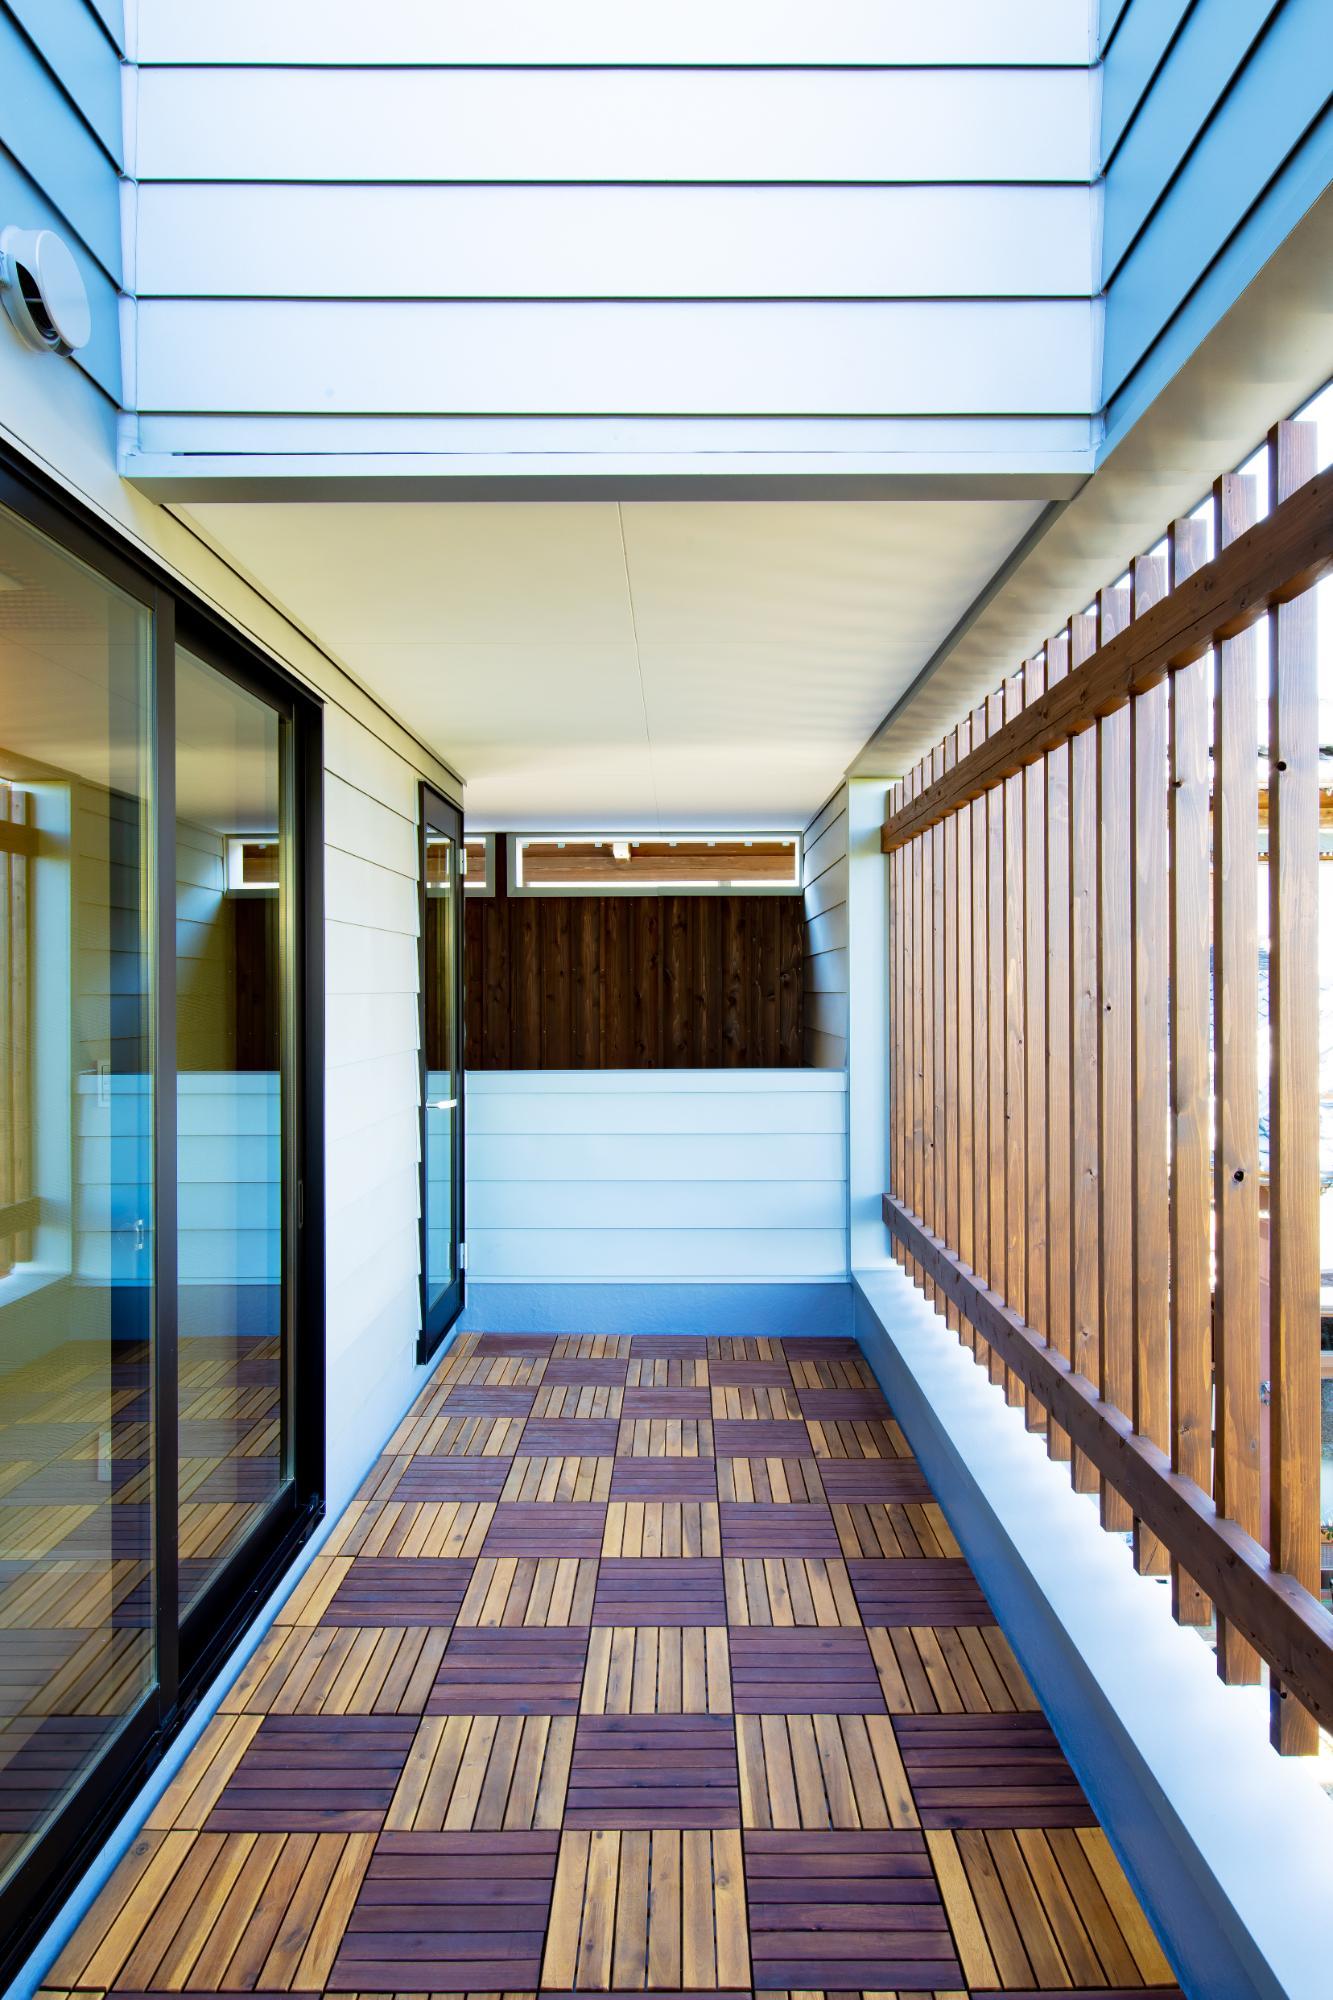 住み継げる住まいの提案 archi laboコンセプトハウスの写真14